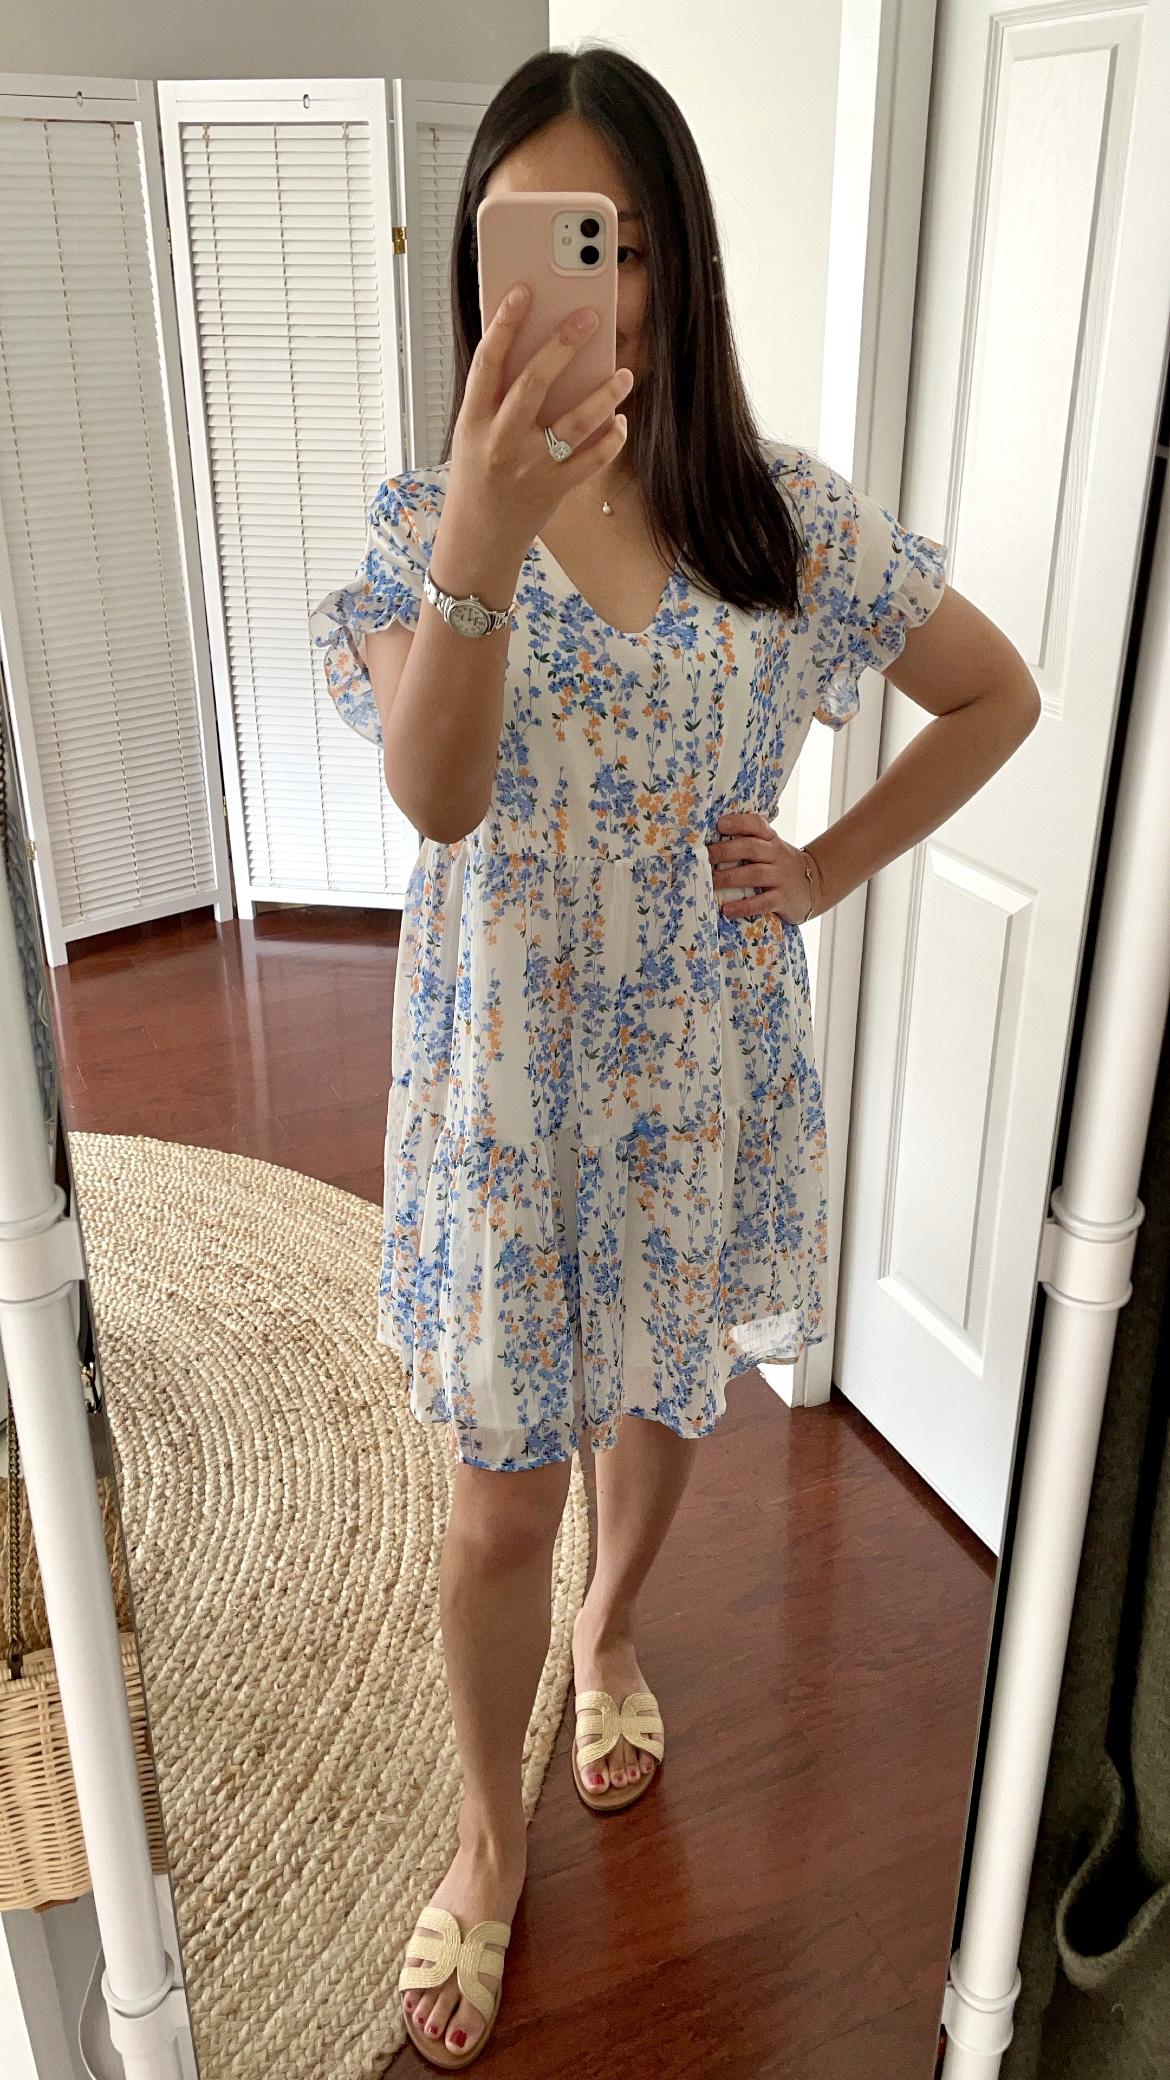 Theenkoln Floral Printed Flowy Swing Dress, size S